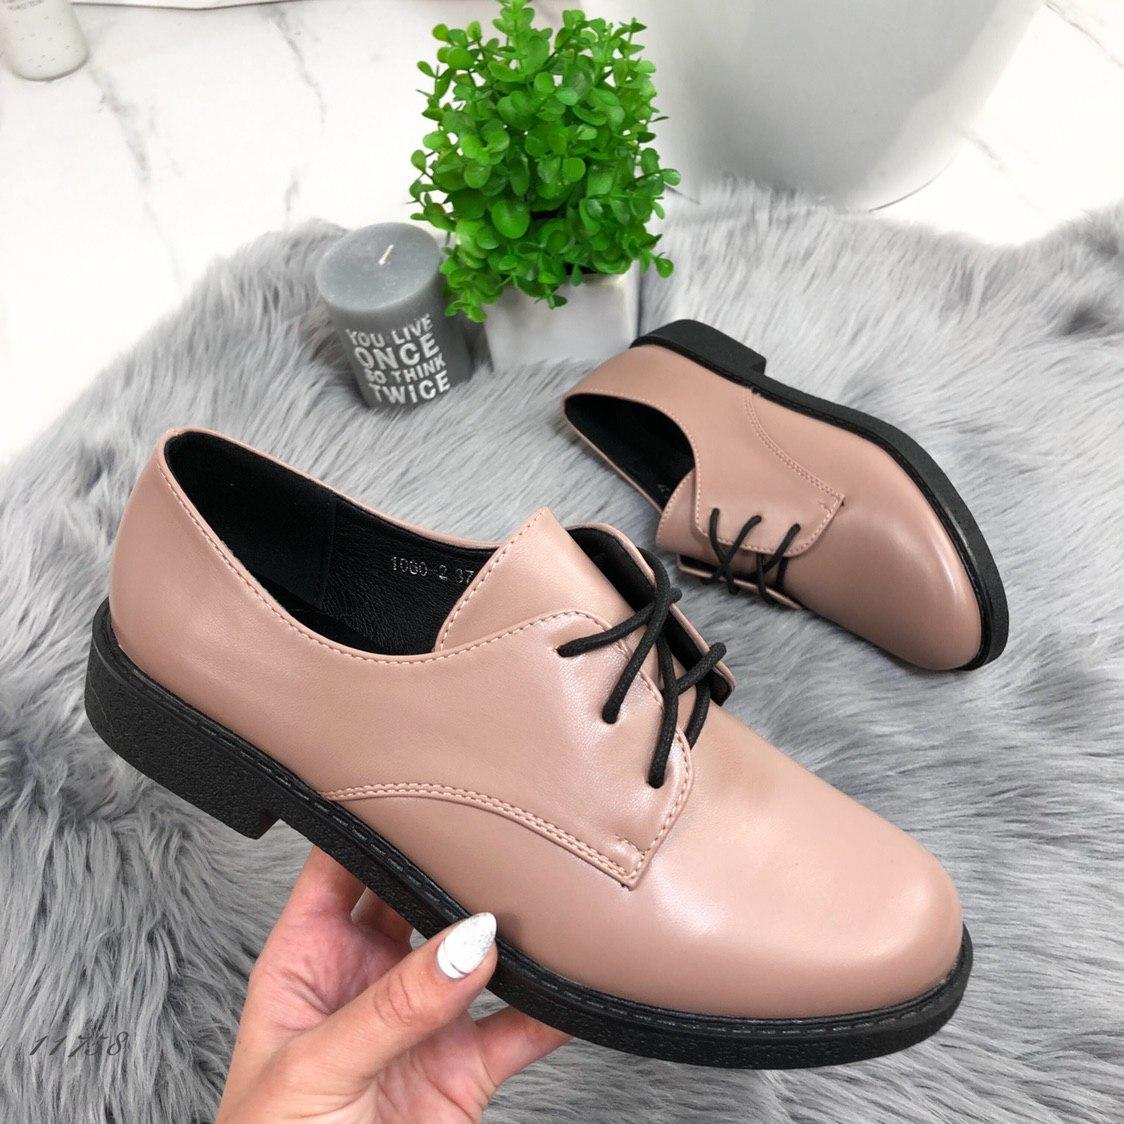 Женские туфли, лоферы на шнурках 38 размер